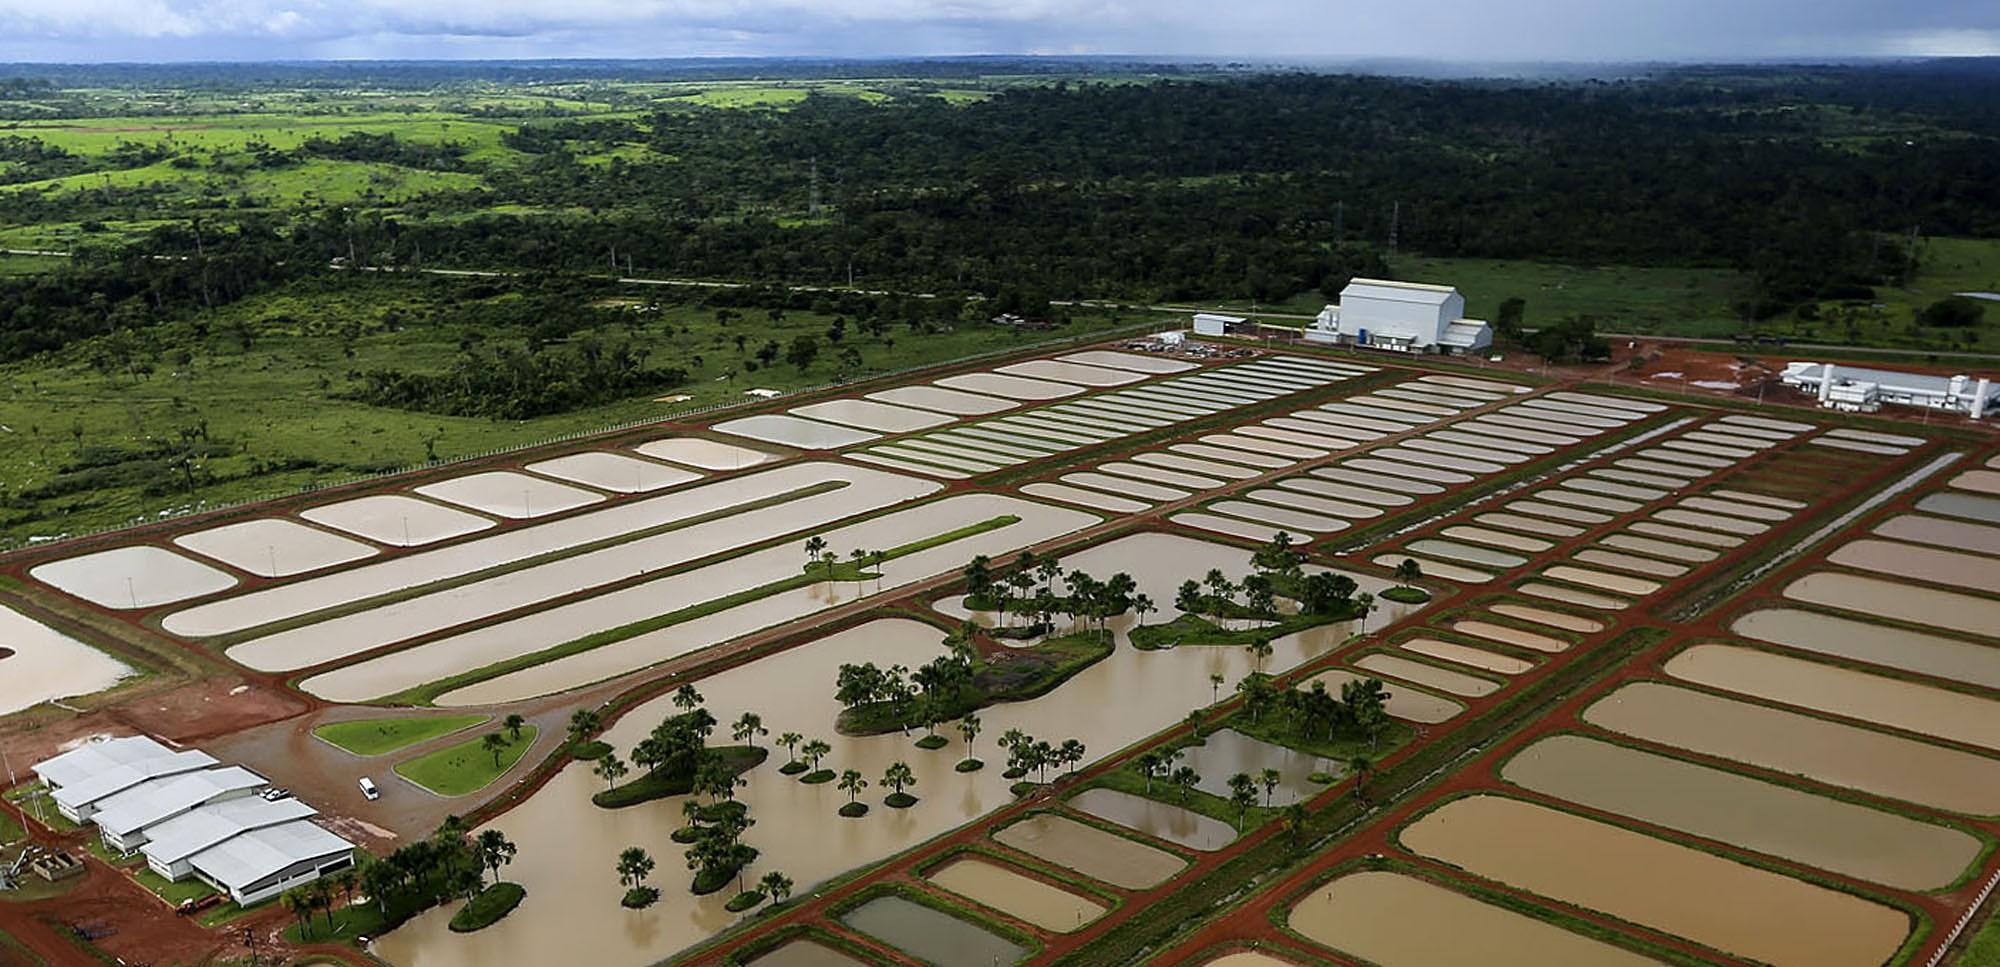 Foto de Análise de água para piscicultura em Rondonópolis MT